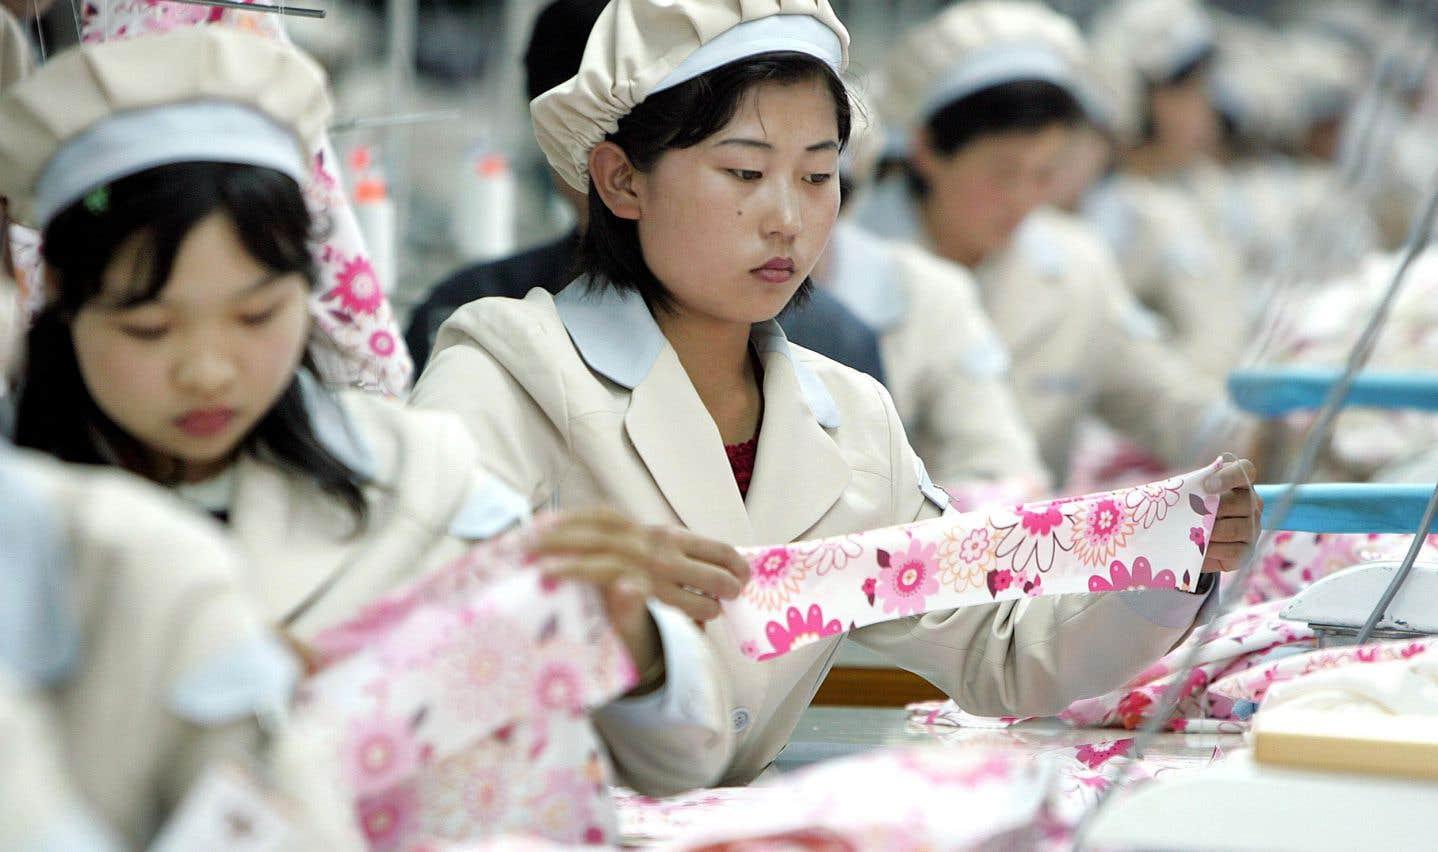 Comme des milliers de leurs compatriotes exilés dans divers pays, ces ouvrières nord-coréennes travaillent à la chaîne dans une manufacture de la Corée du Sud, à quelques kilomètres de la zone démilitarisée fortifiée qui sépare les deux pays.